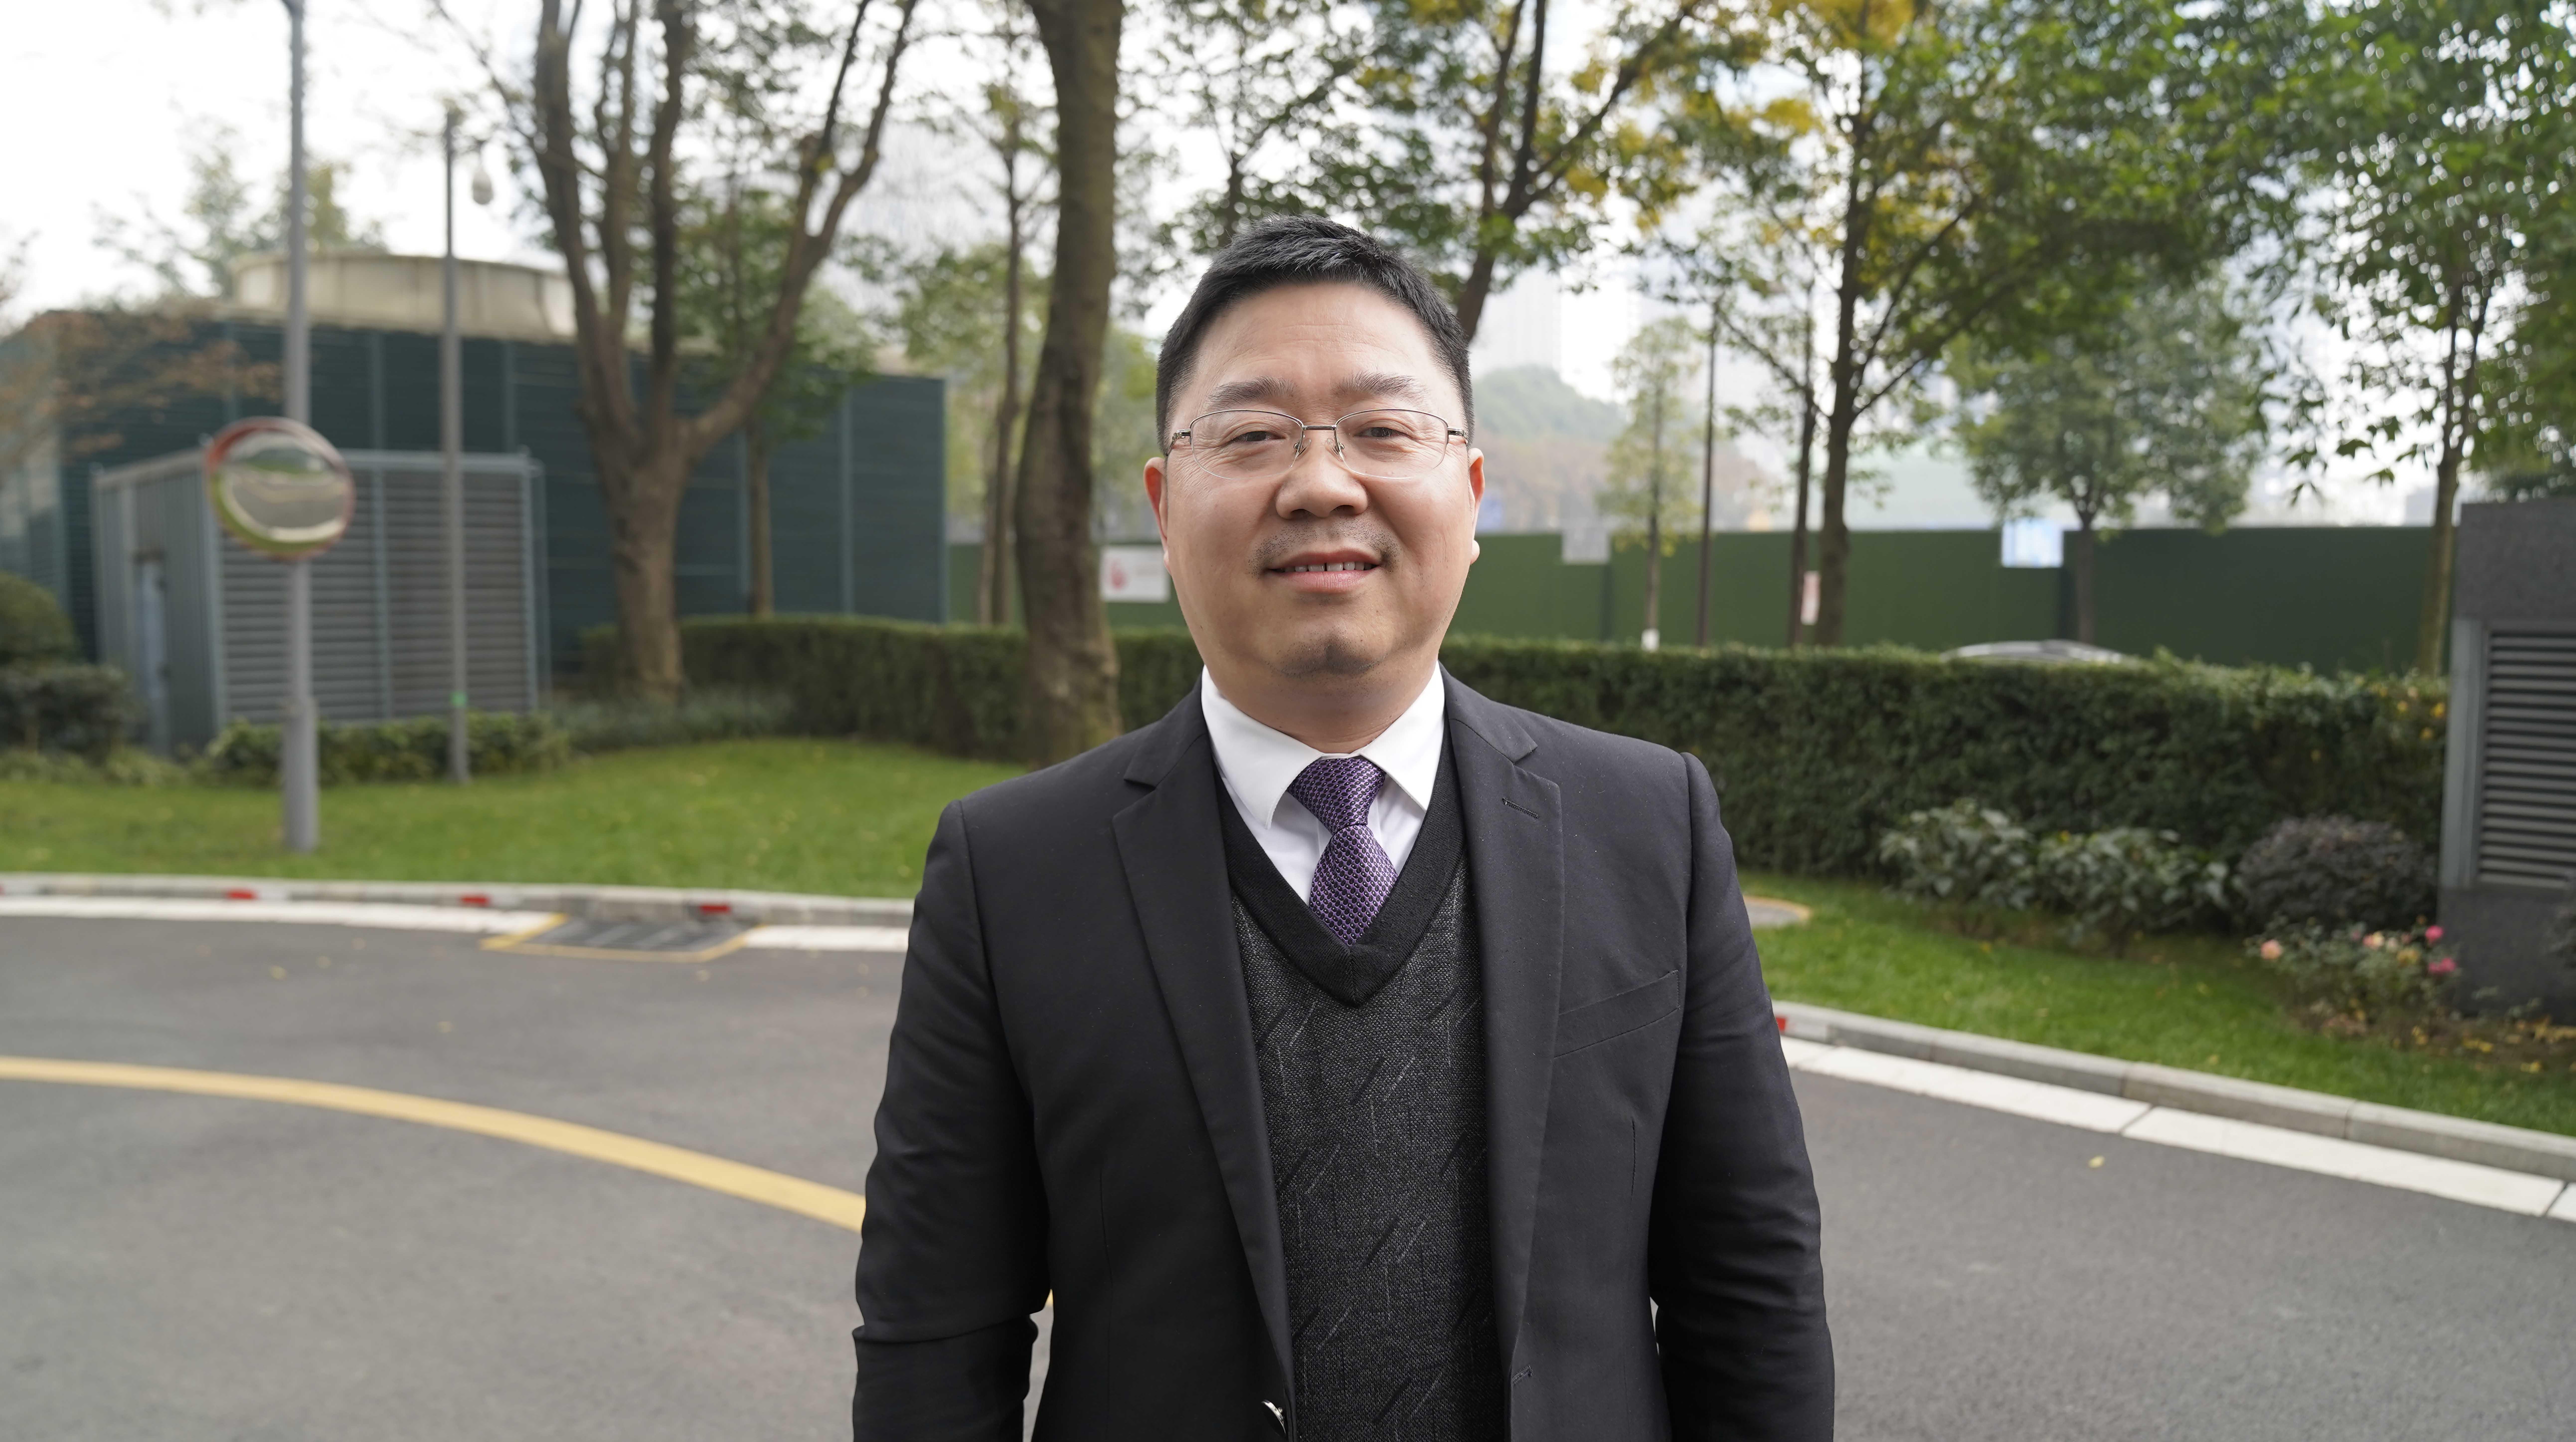 成都青白江国际铁路港郑泉峰:围绕双循环 助力成都建设国际门户枢纽城市